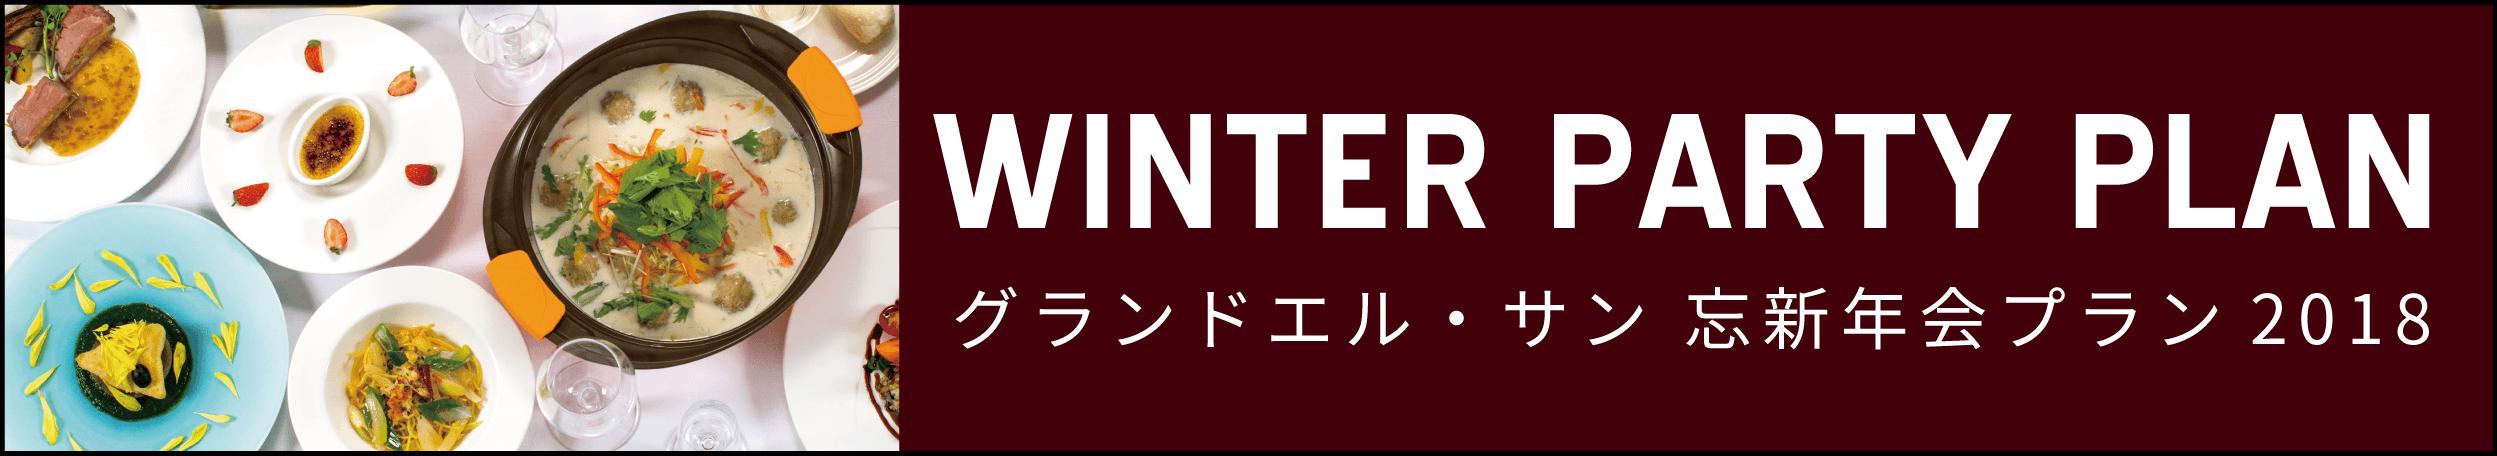 冬のパーティープラン